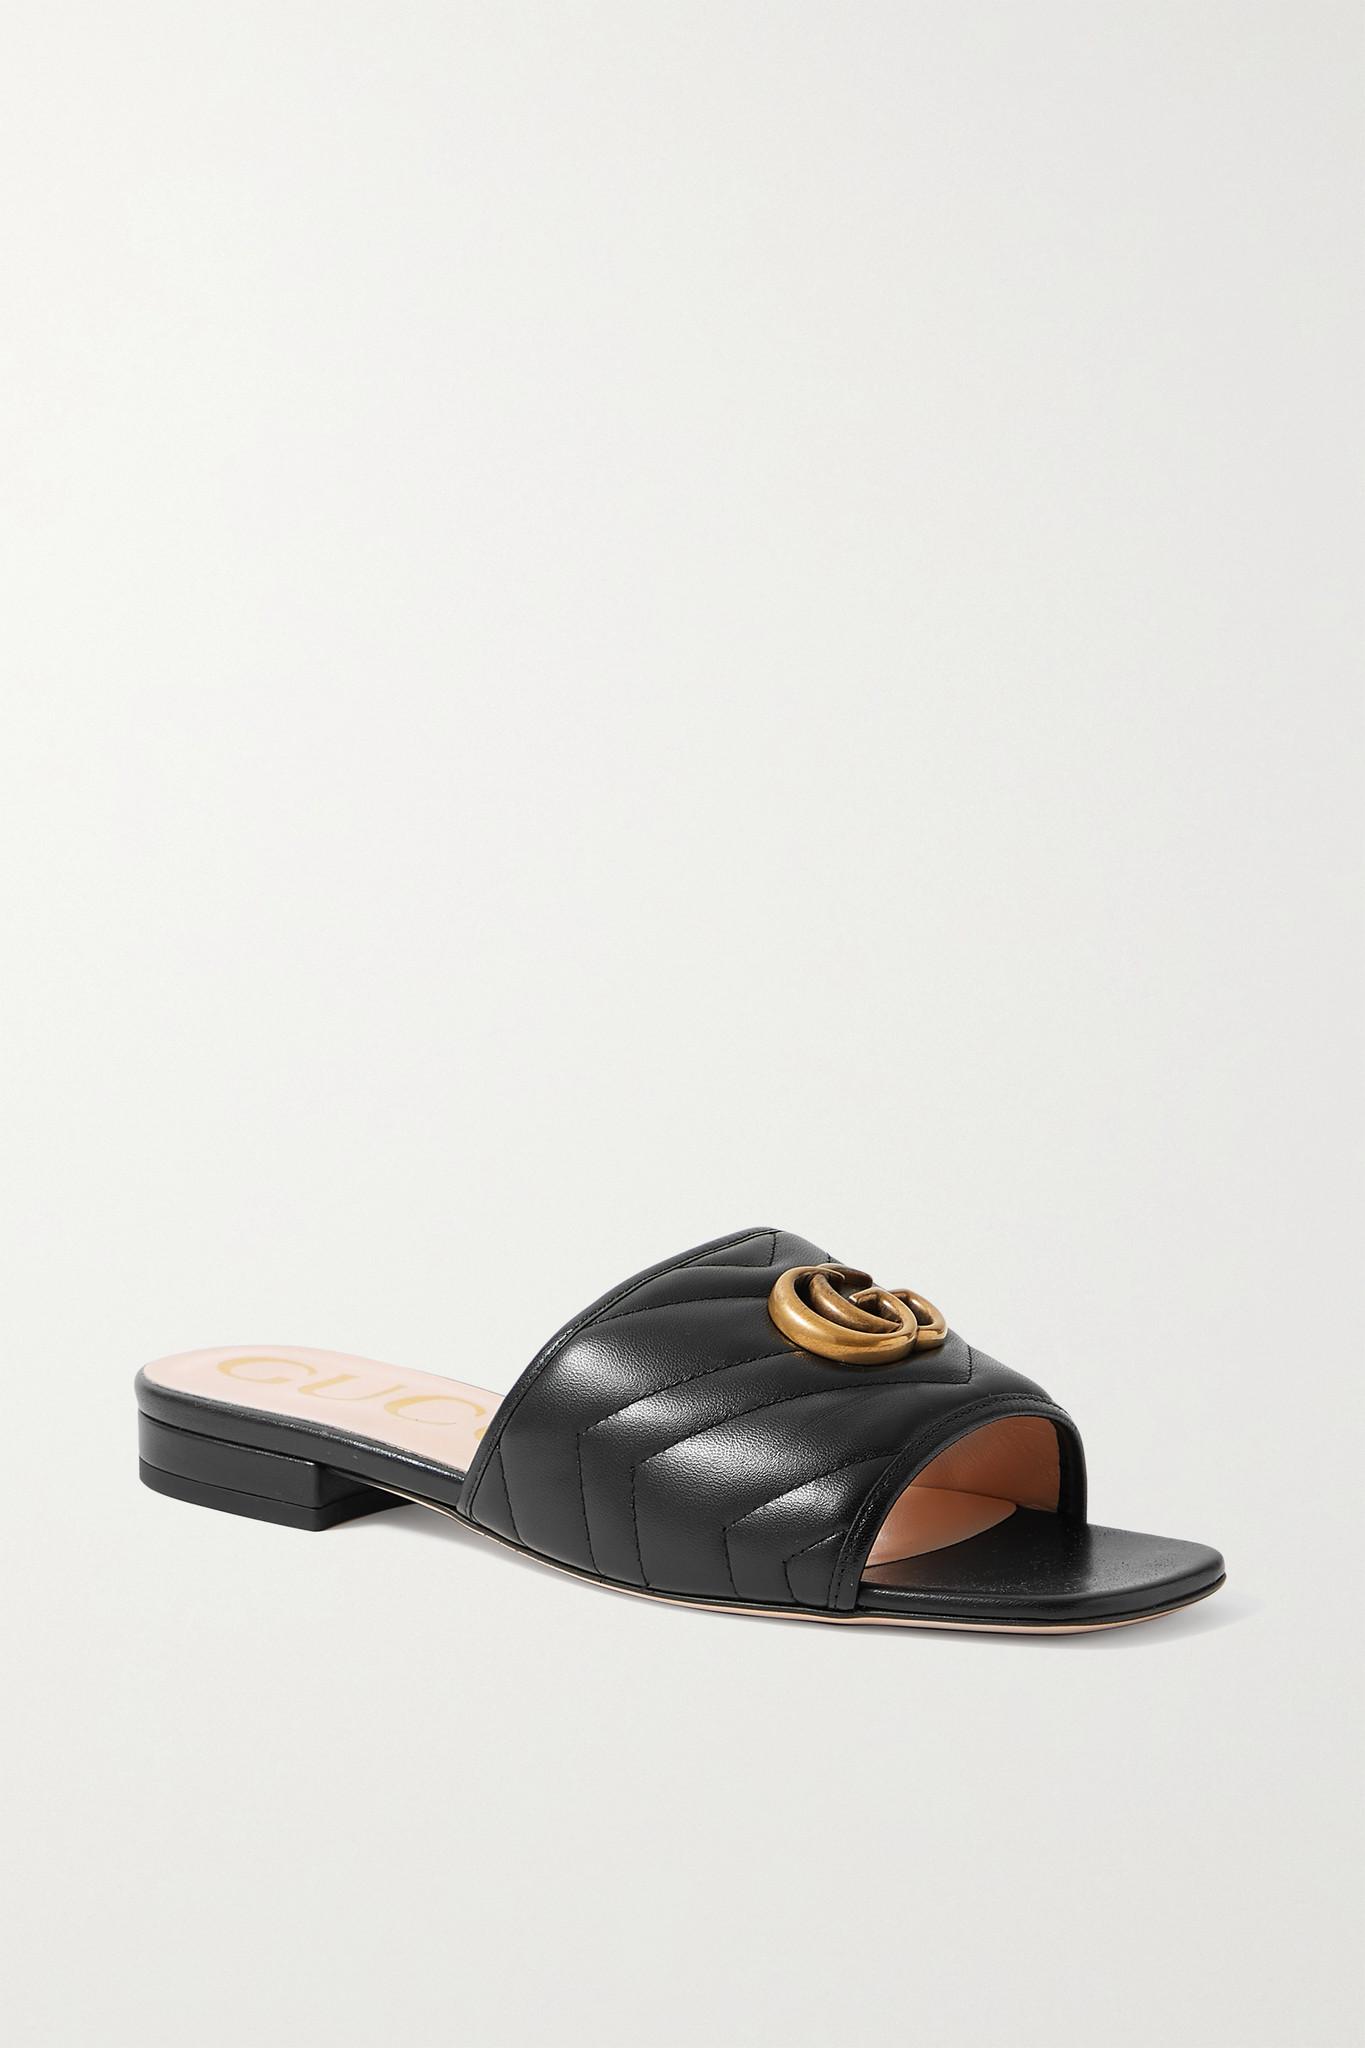 GUCCI - Jolie Logo-embellished Quilted Leather Slides - Black - IT37.5